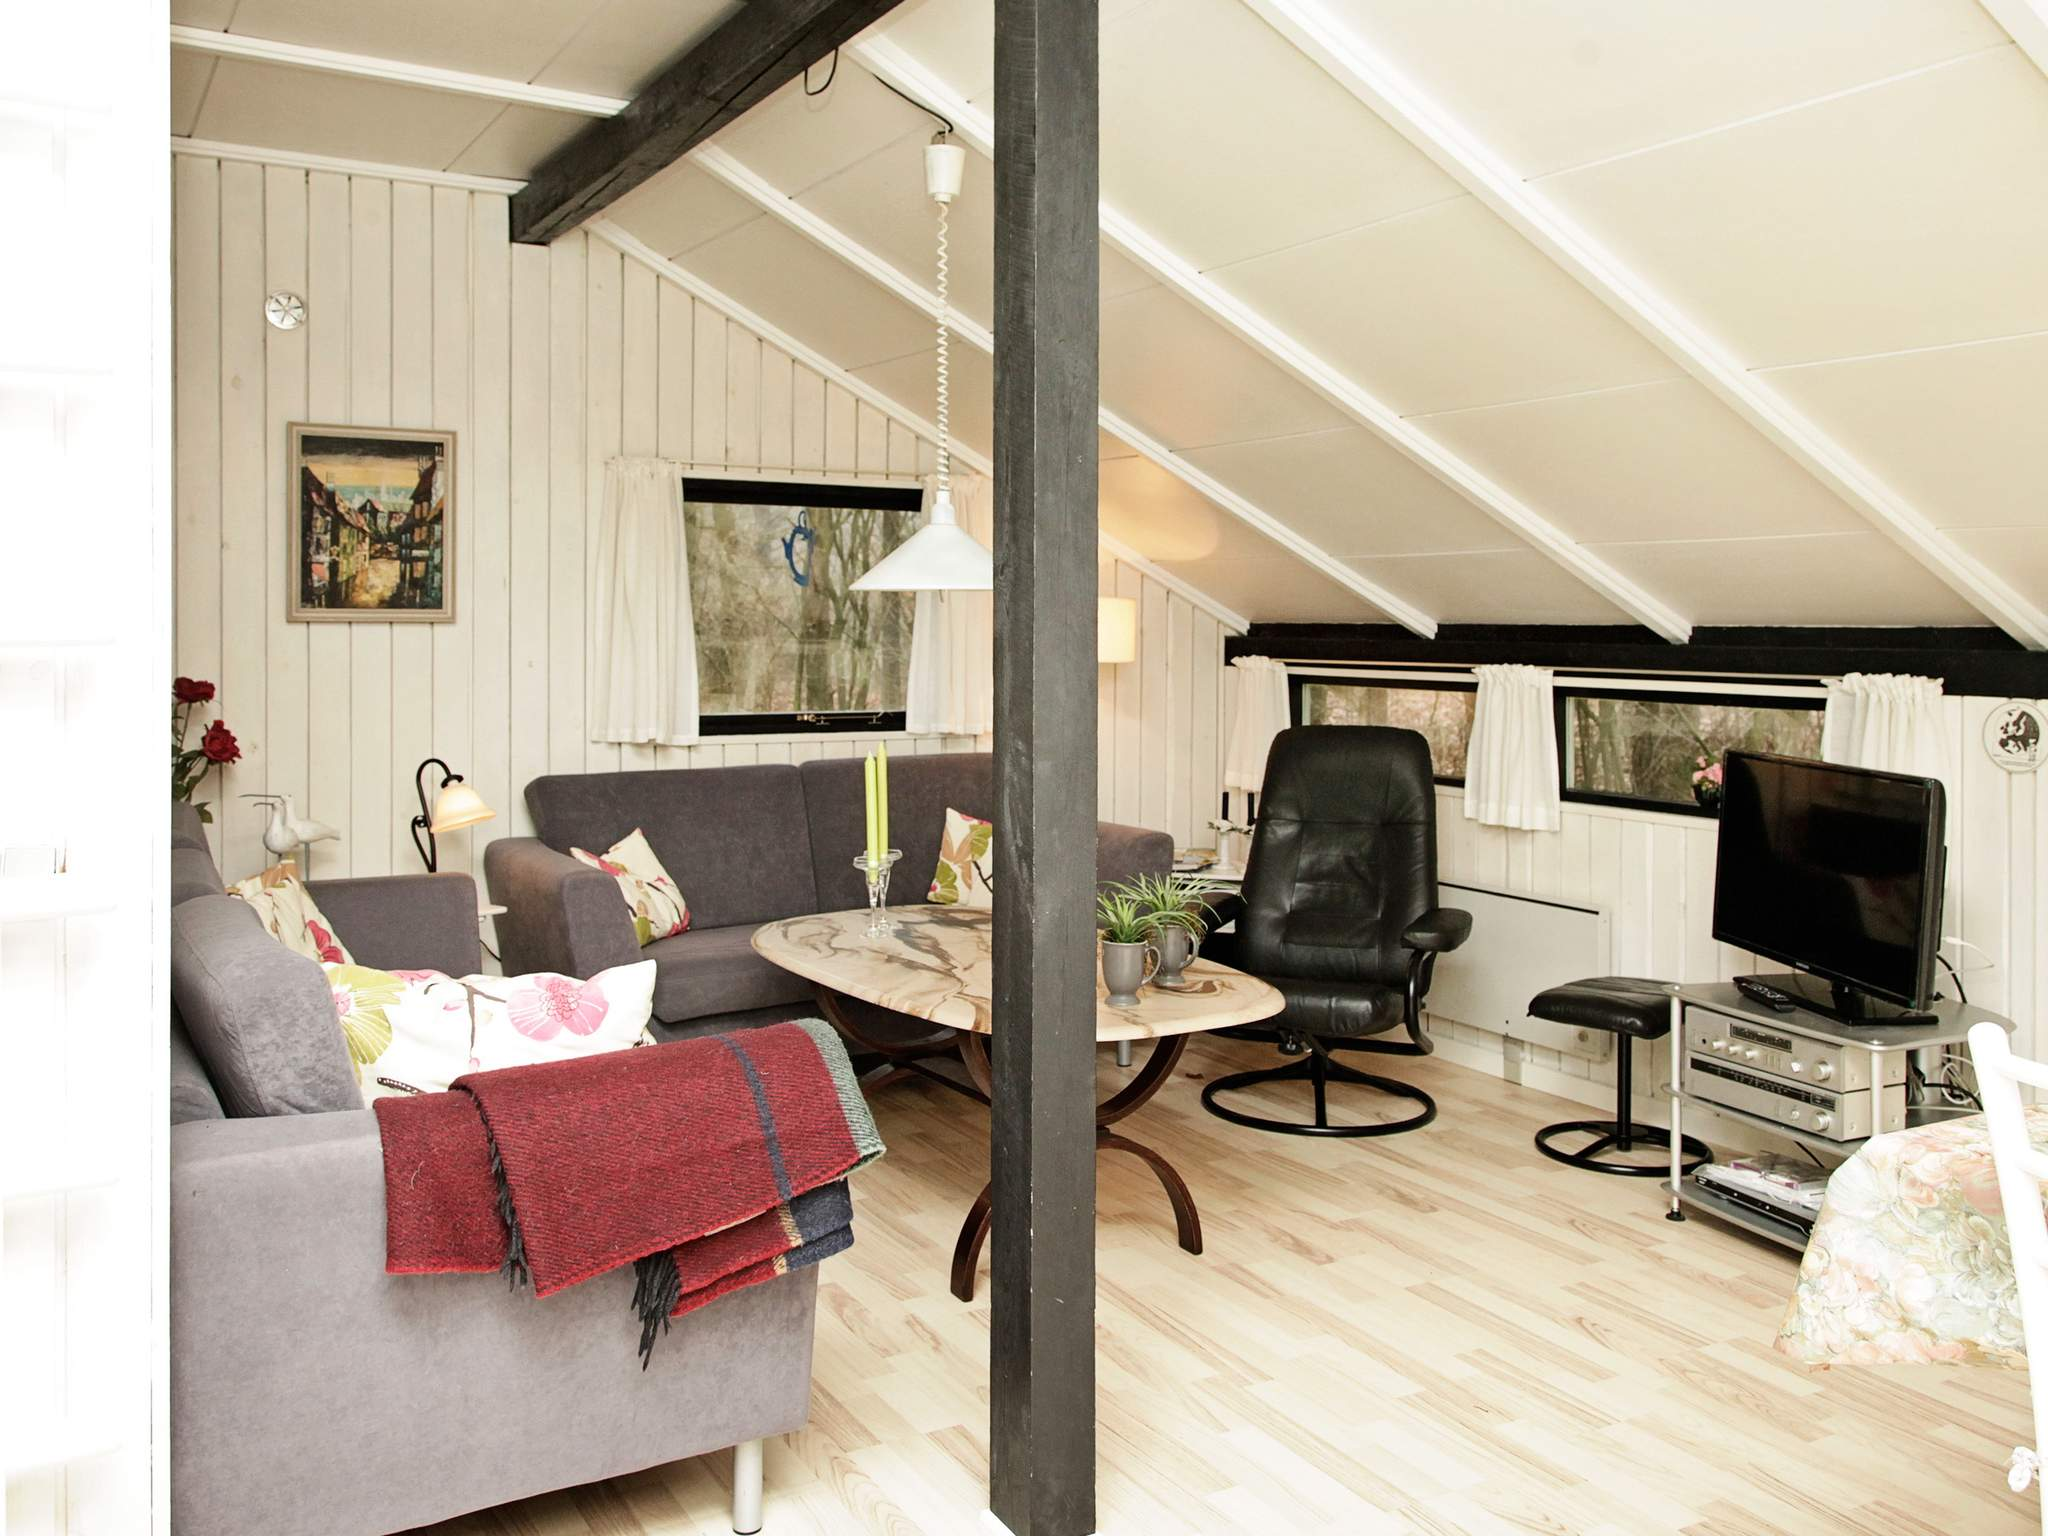 Ferienhaus Arrild (87701), Arrild, , Südjütland, Dänemark, Bild 2